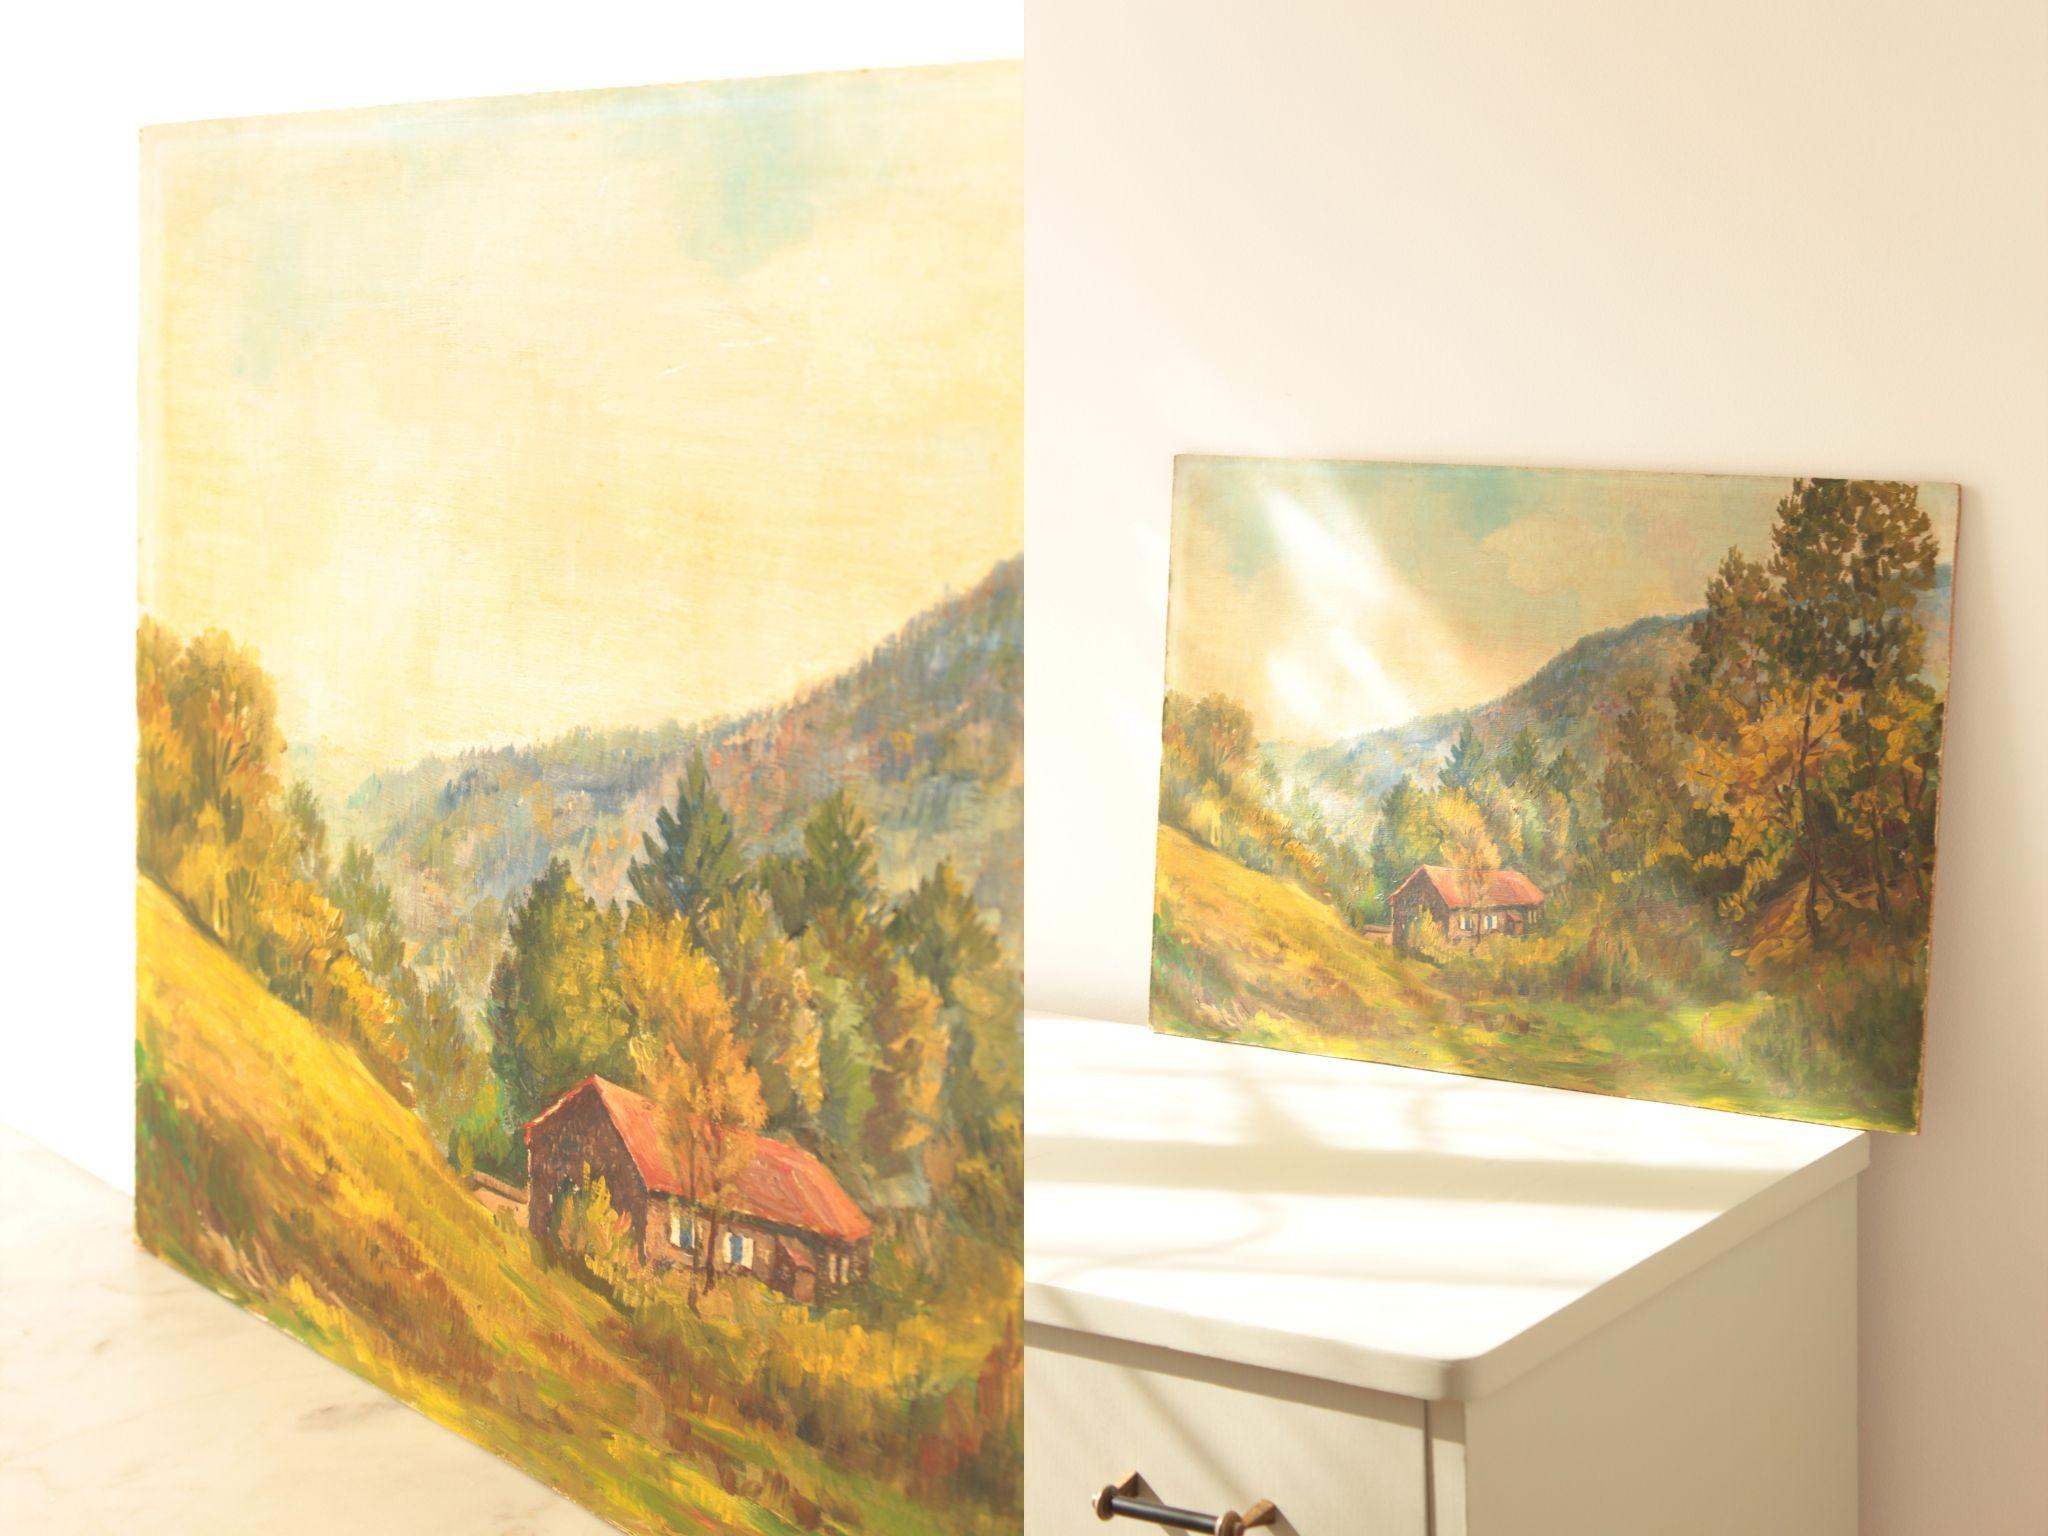 tableau décoratif chambre enfant vintage paysage TRENDY LITTLE